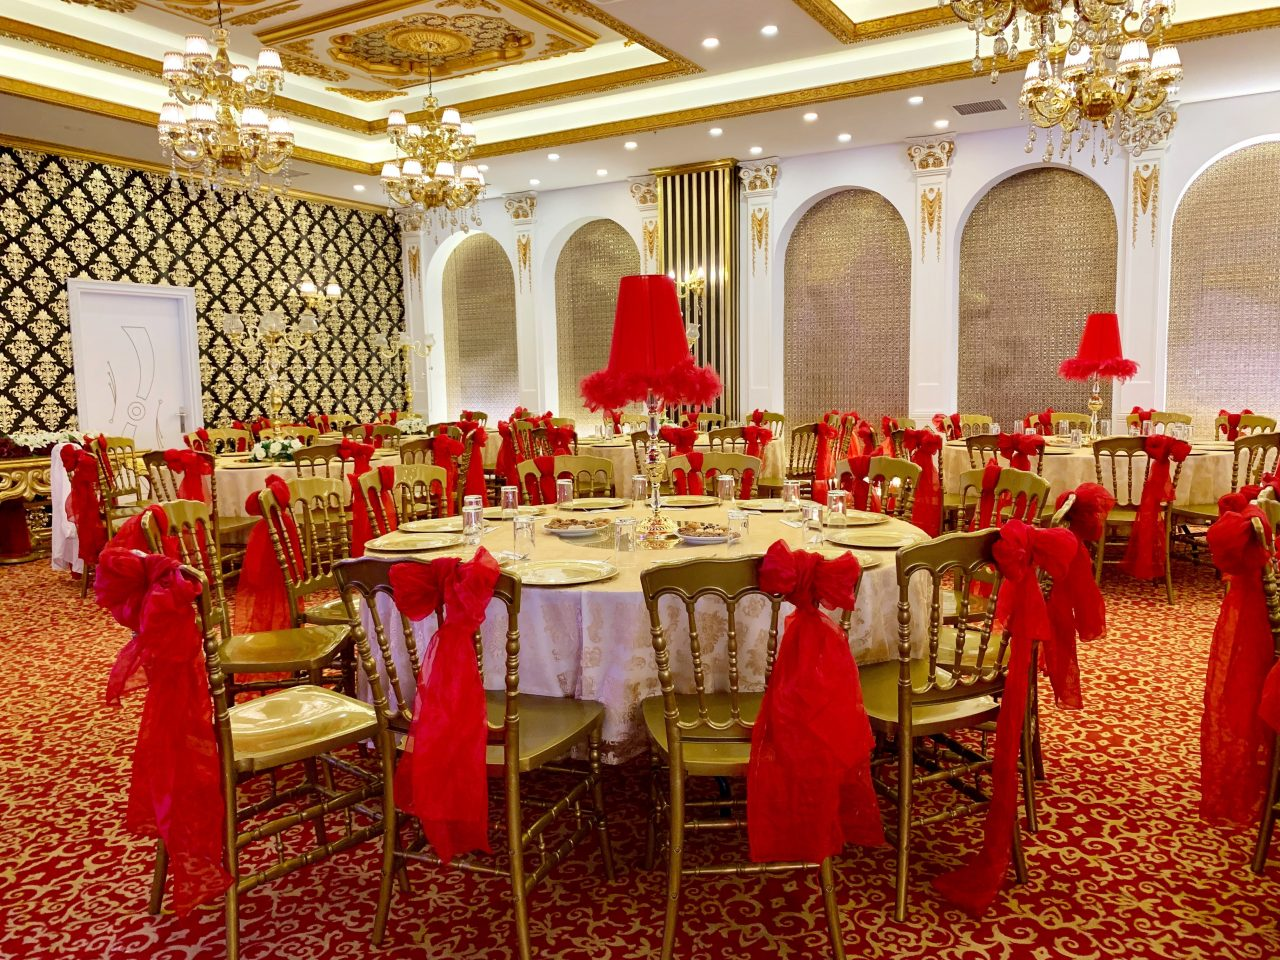 Wedding Palace KuyumWedding Palace Kuyumcukent Kına Gecesi Fiyatları Bahçelievler İstanbulcukent Kına Fiyatları